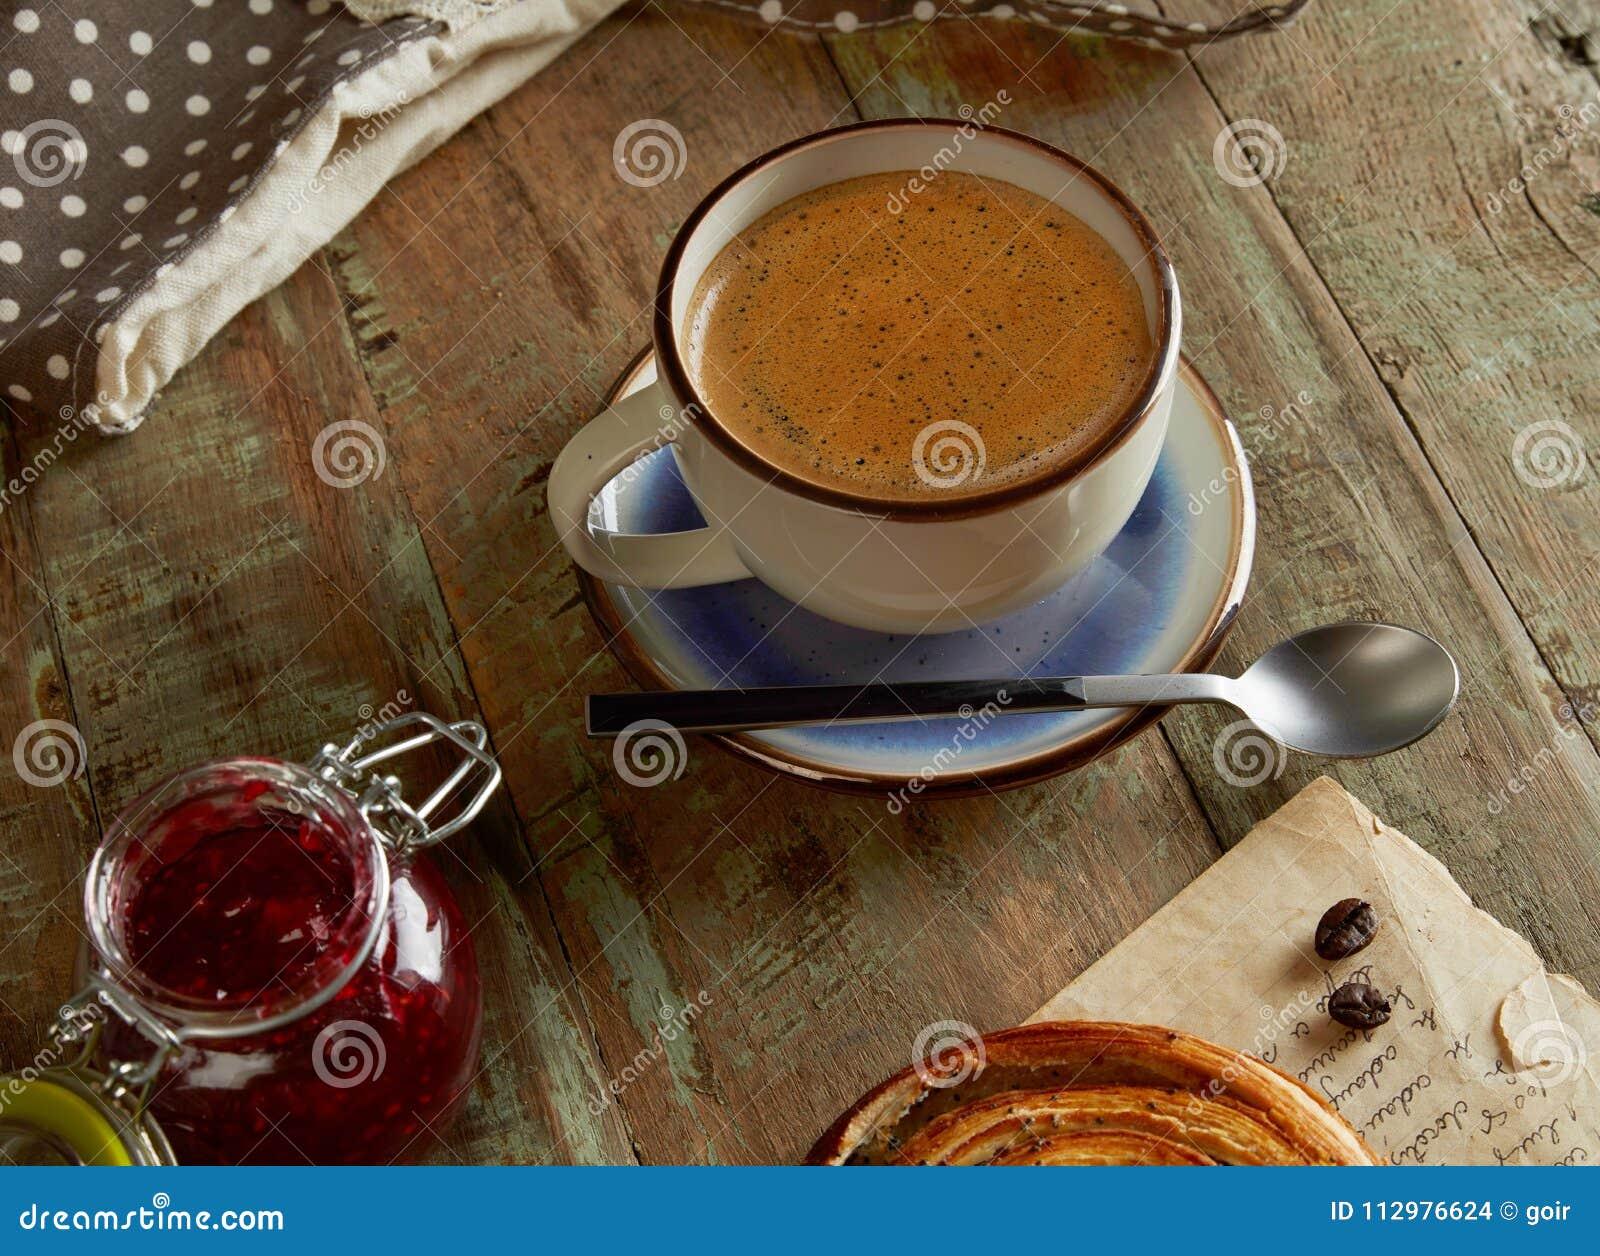 Homemade coffee closeup